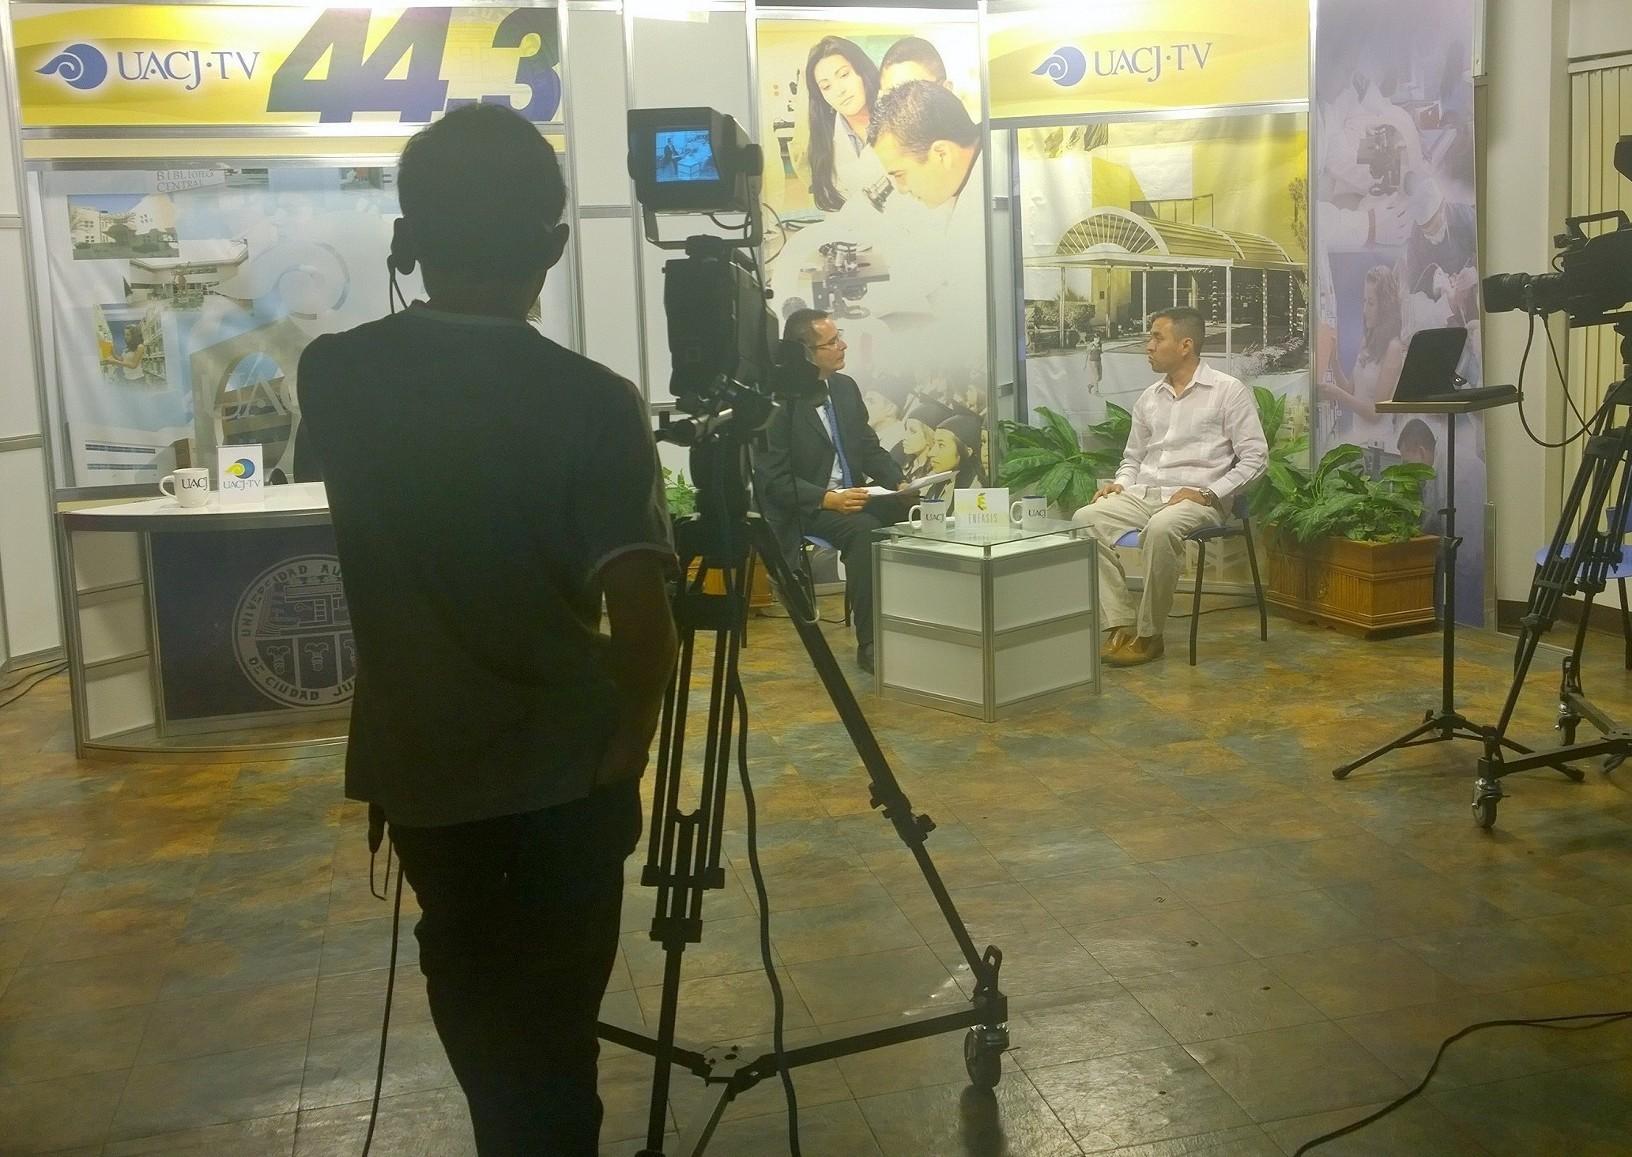 Participación en UACJ TV, 2015.